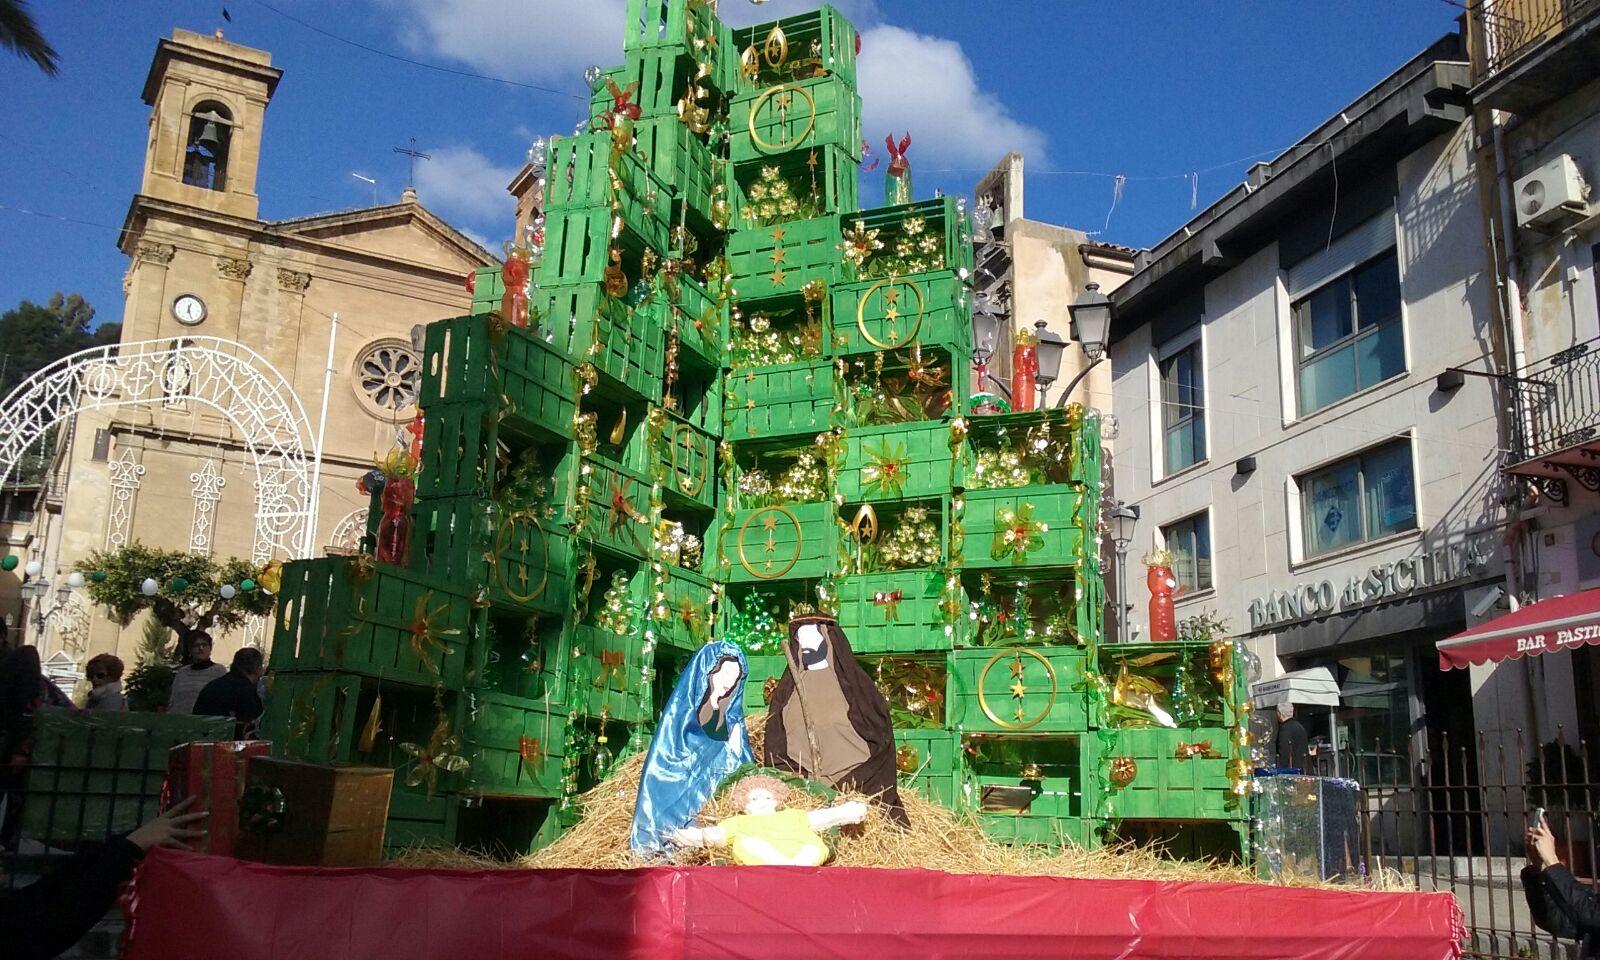 L'albero del Traina sensibilizza al riciclo e accende il natale a misilmeri.